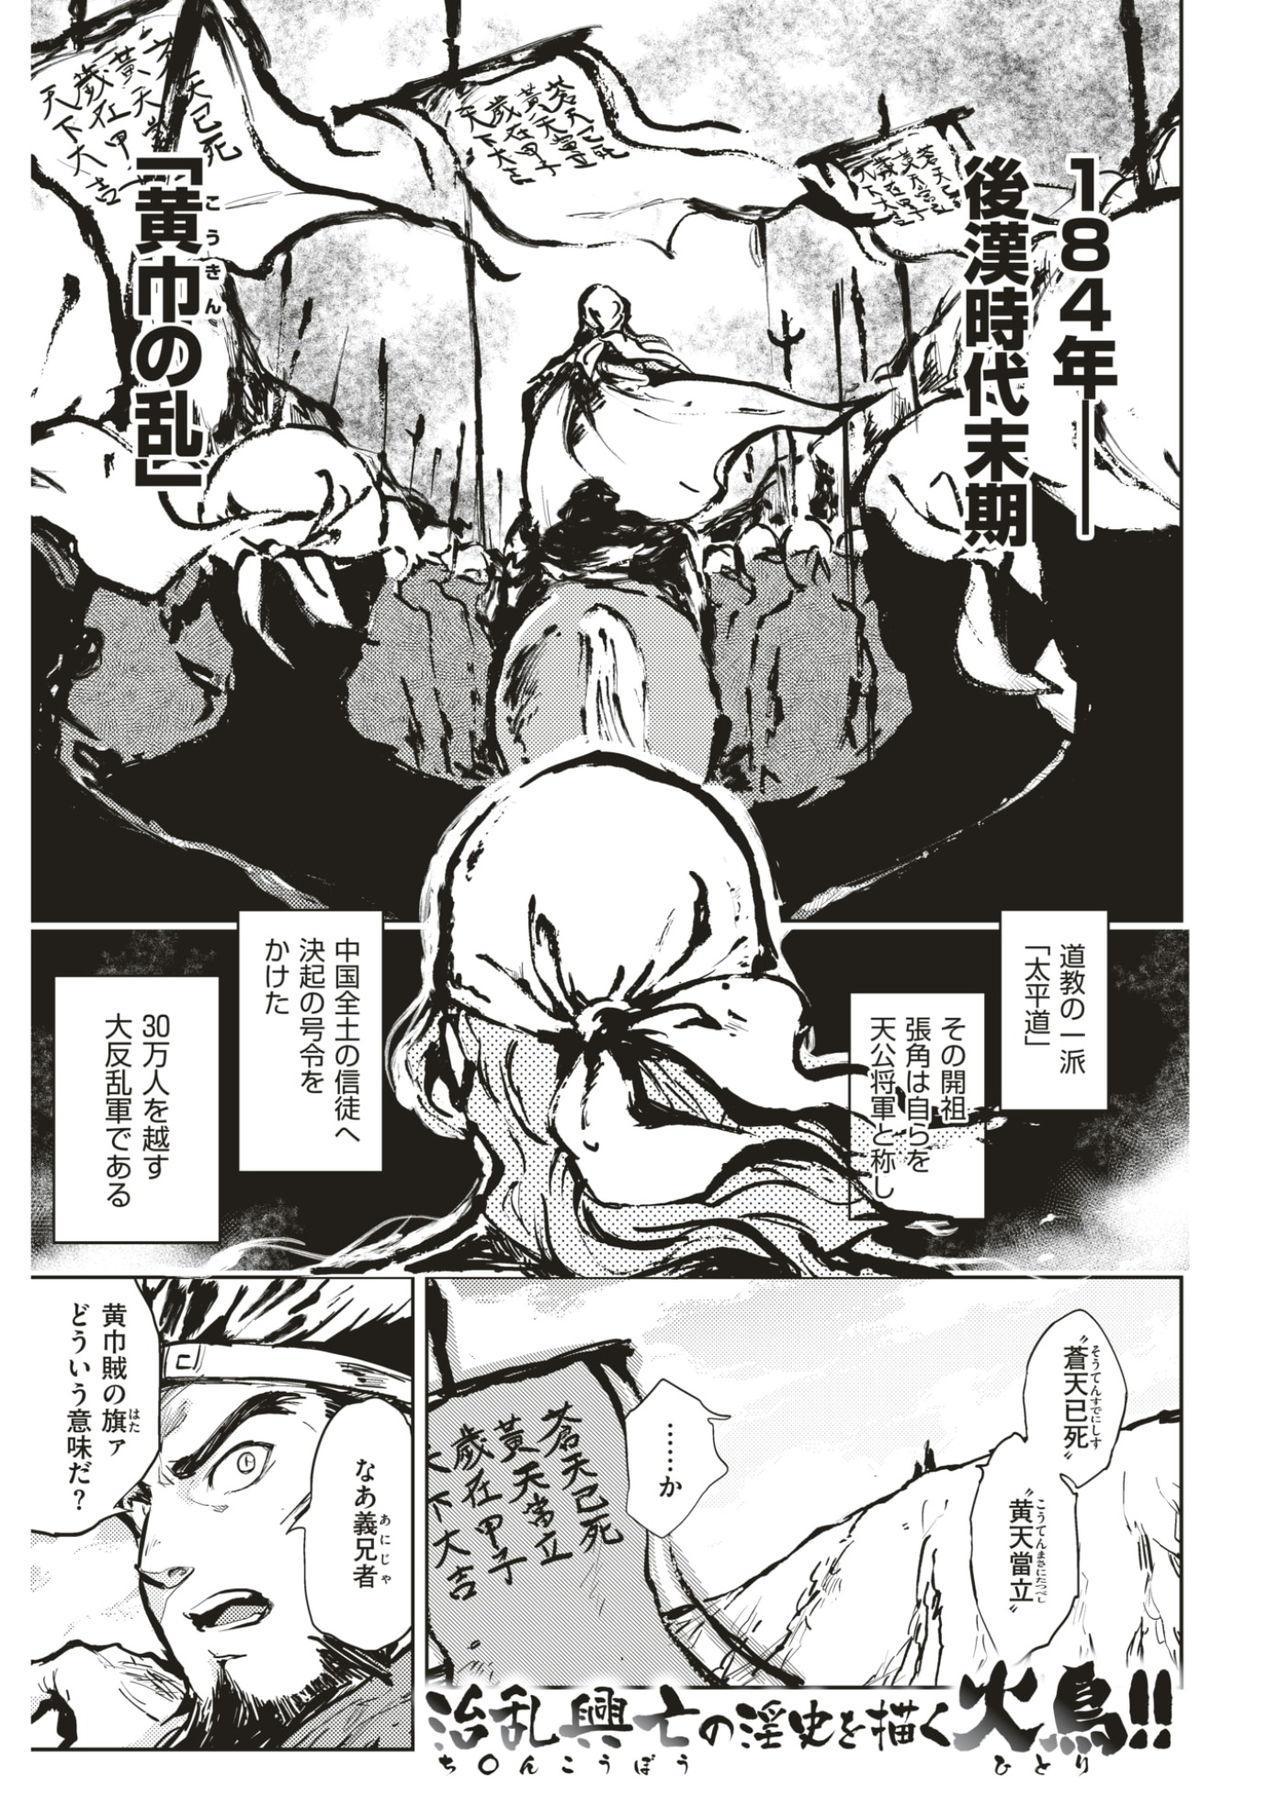 COMIC Kairakuten BEAST 2017-03 311